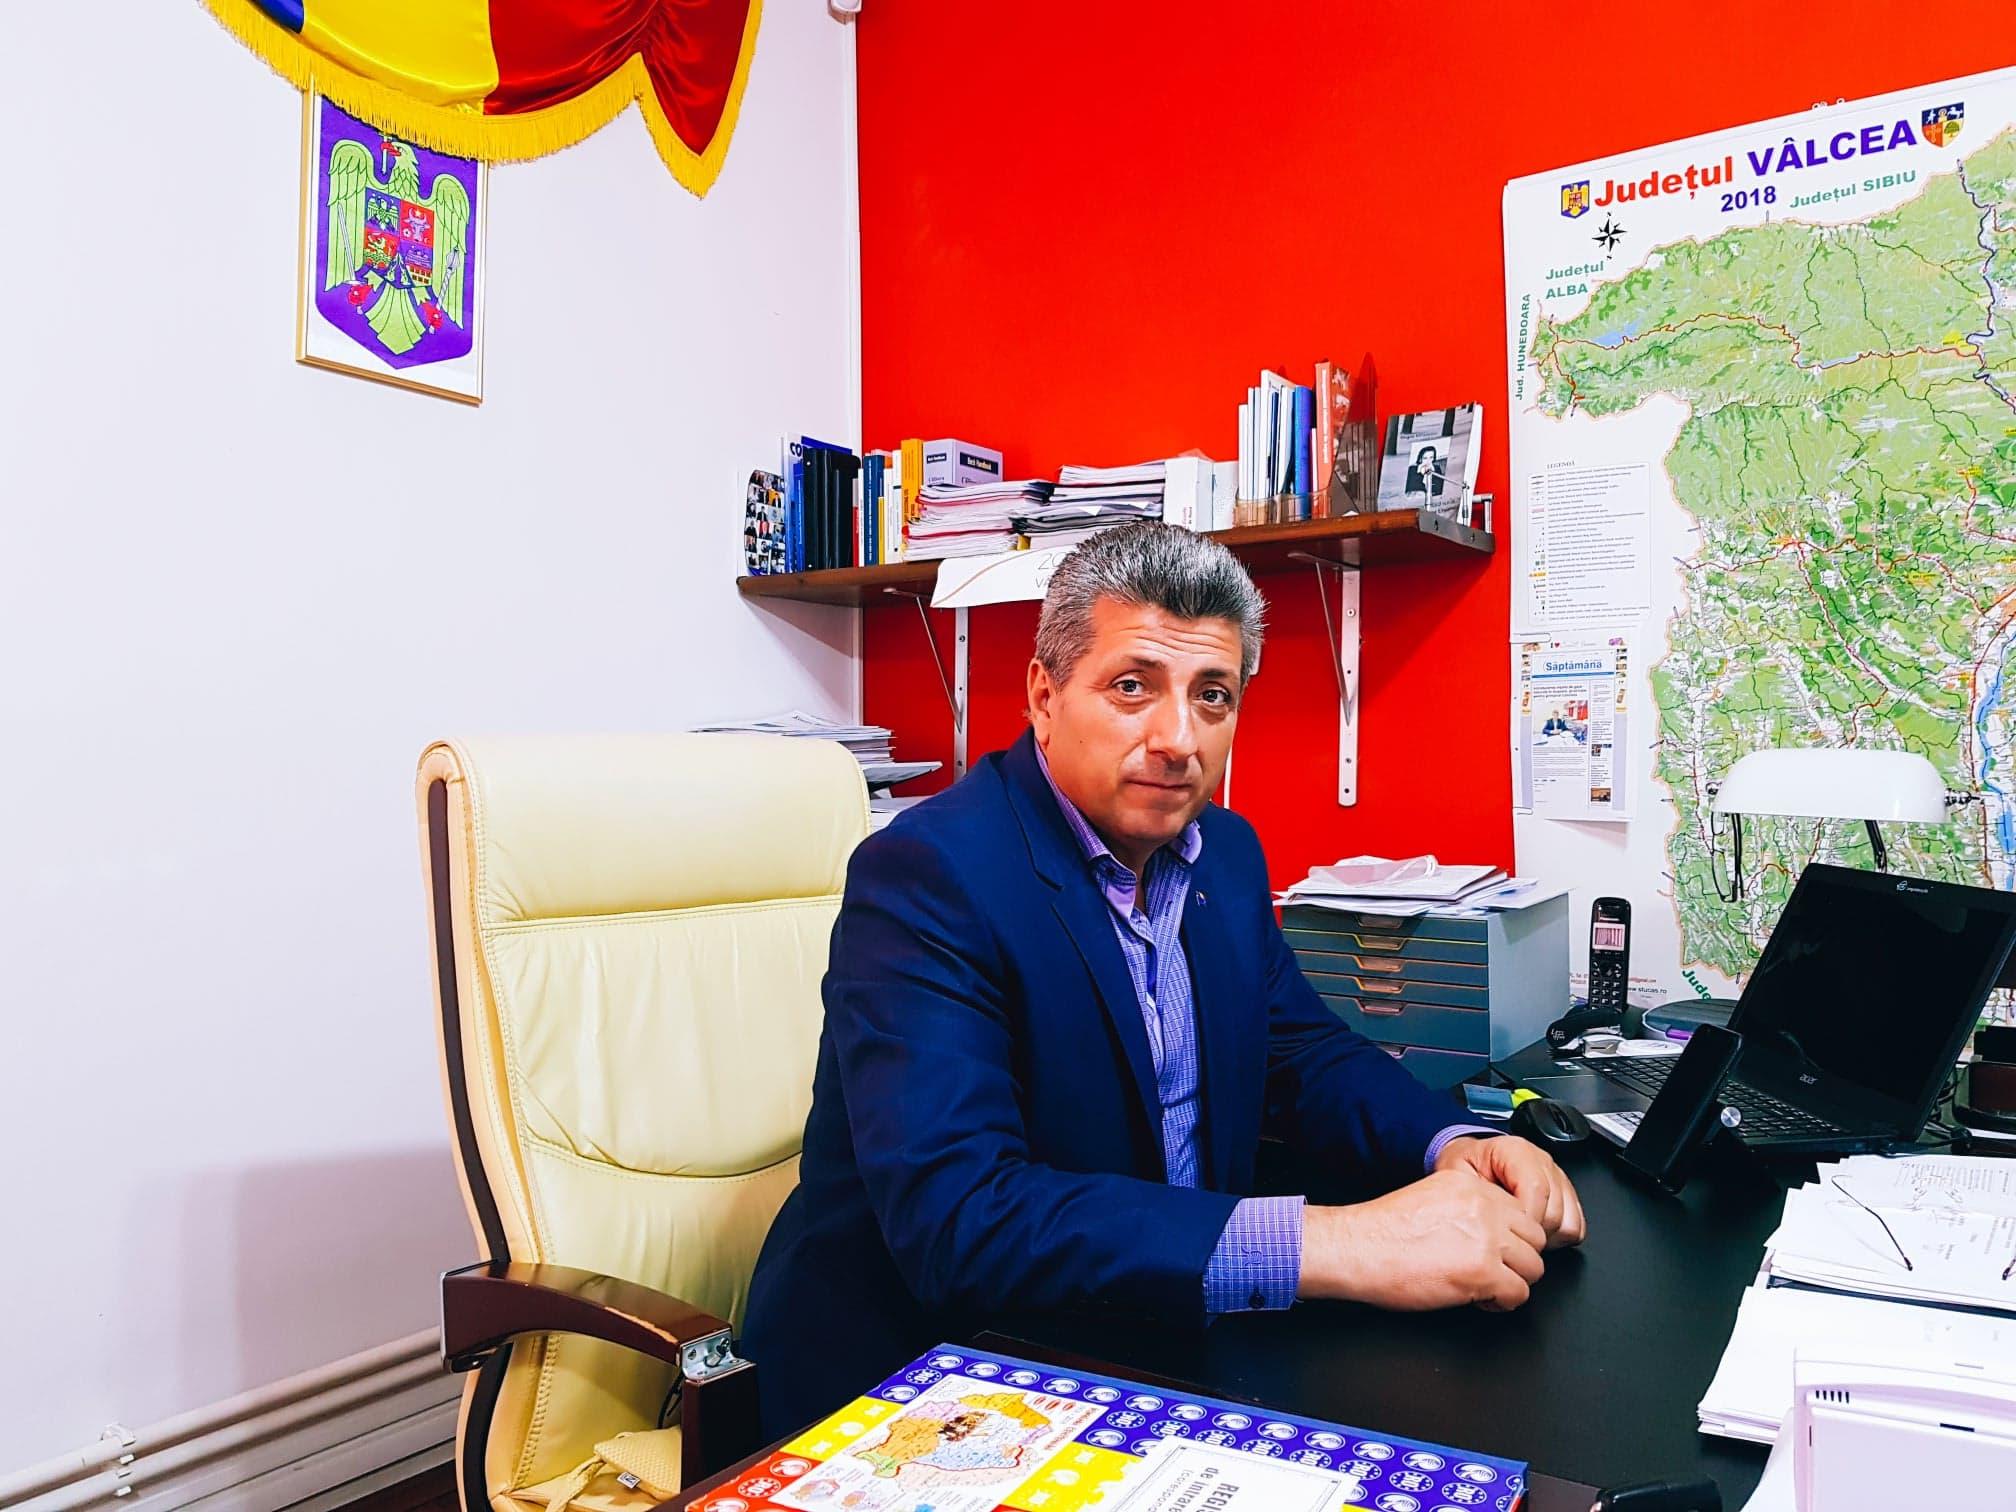 """Nicolae CONCIOIU: """"Indiferent cine vine la putere, nu trebuie să condamne localităţile la involuţie sau la stagnare"""""""